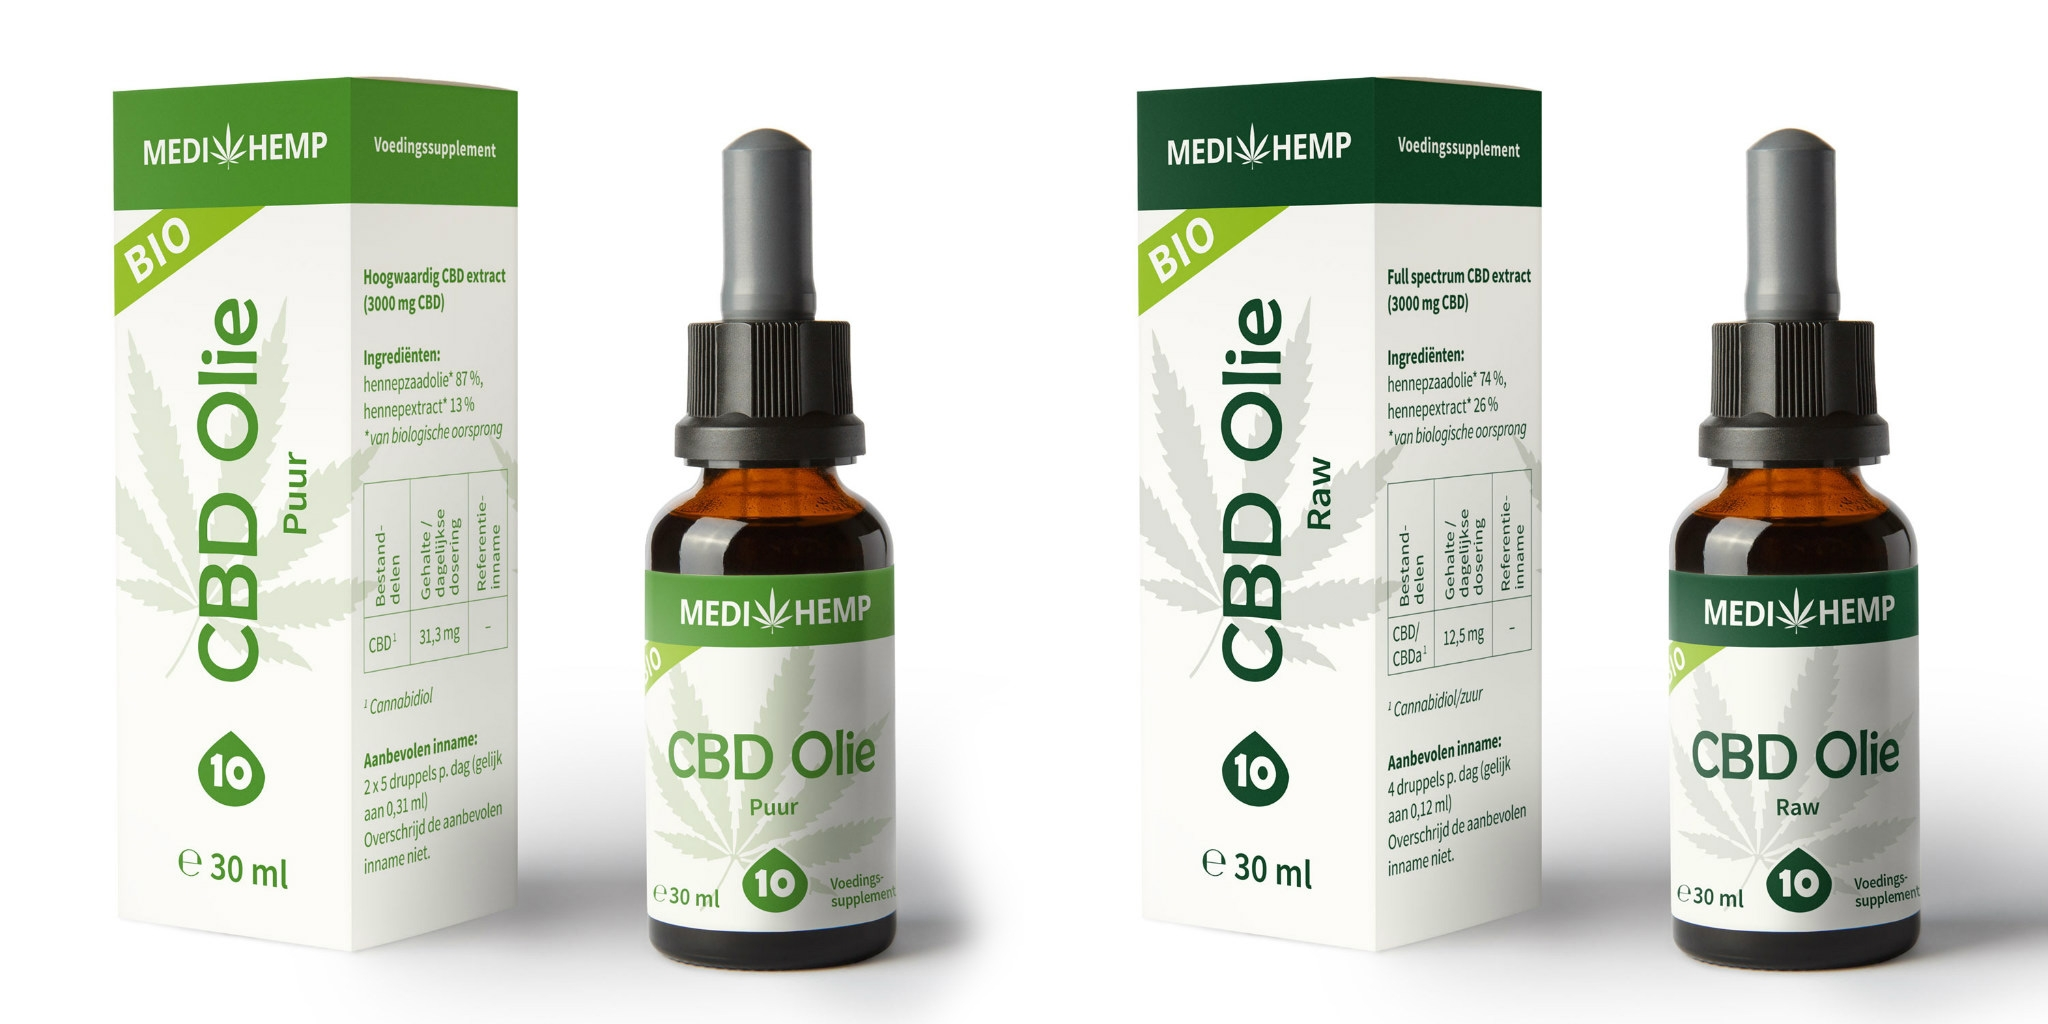 biologische CBD olie van medihemp - puur en raw